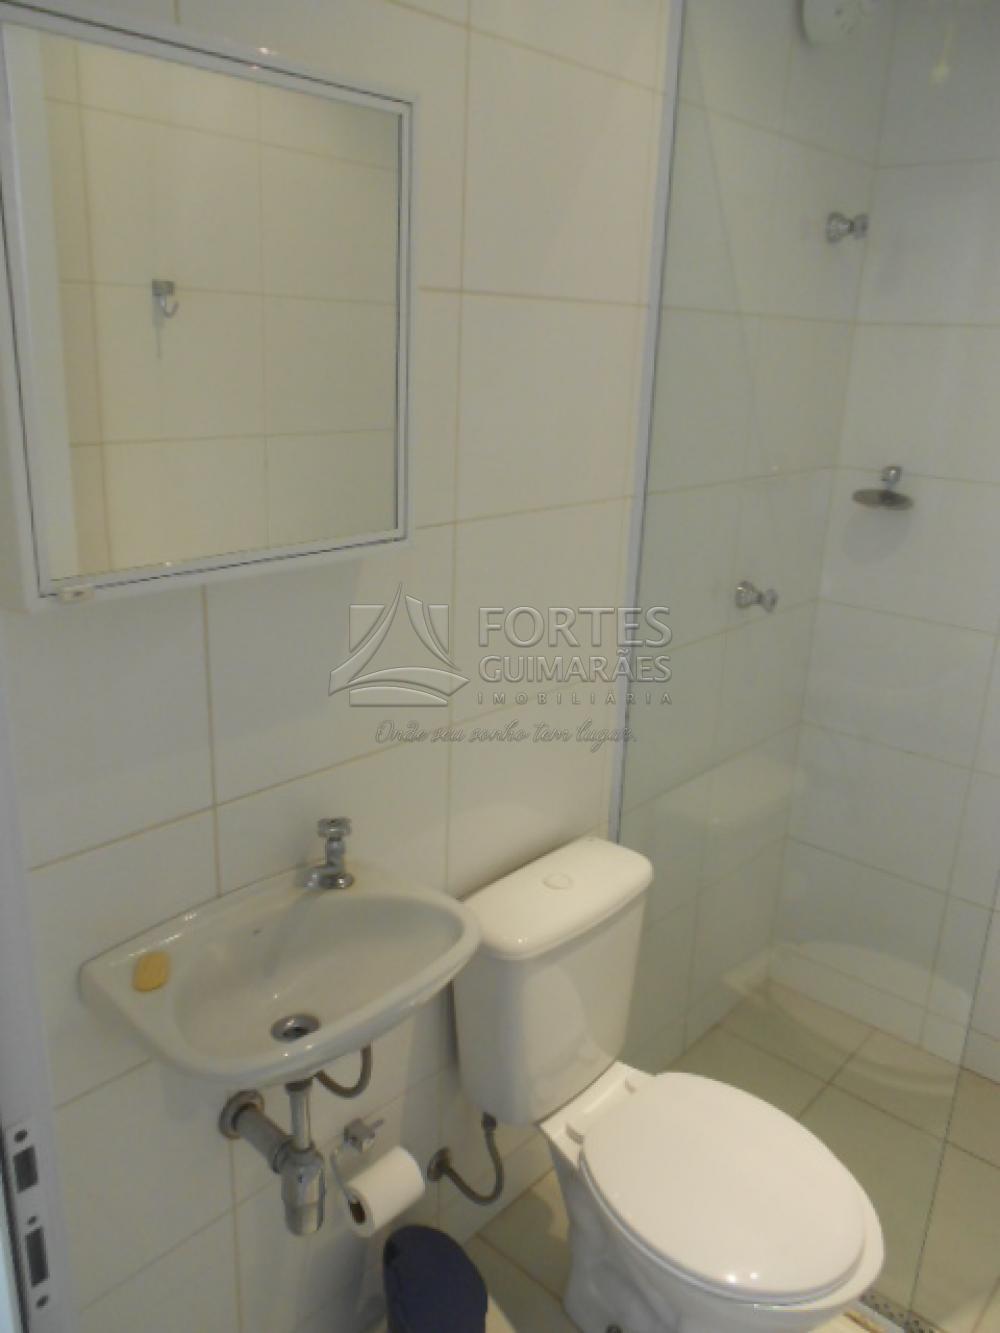 Alugar Apartamentos / Padrão em Ribeirão Preto apenas R$ 8.500,00 - Foto 66